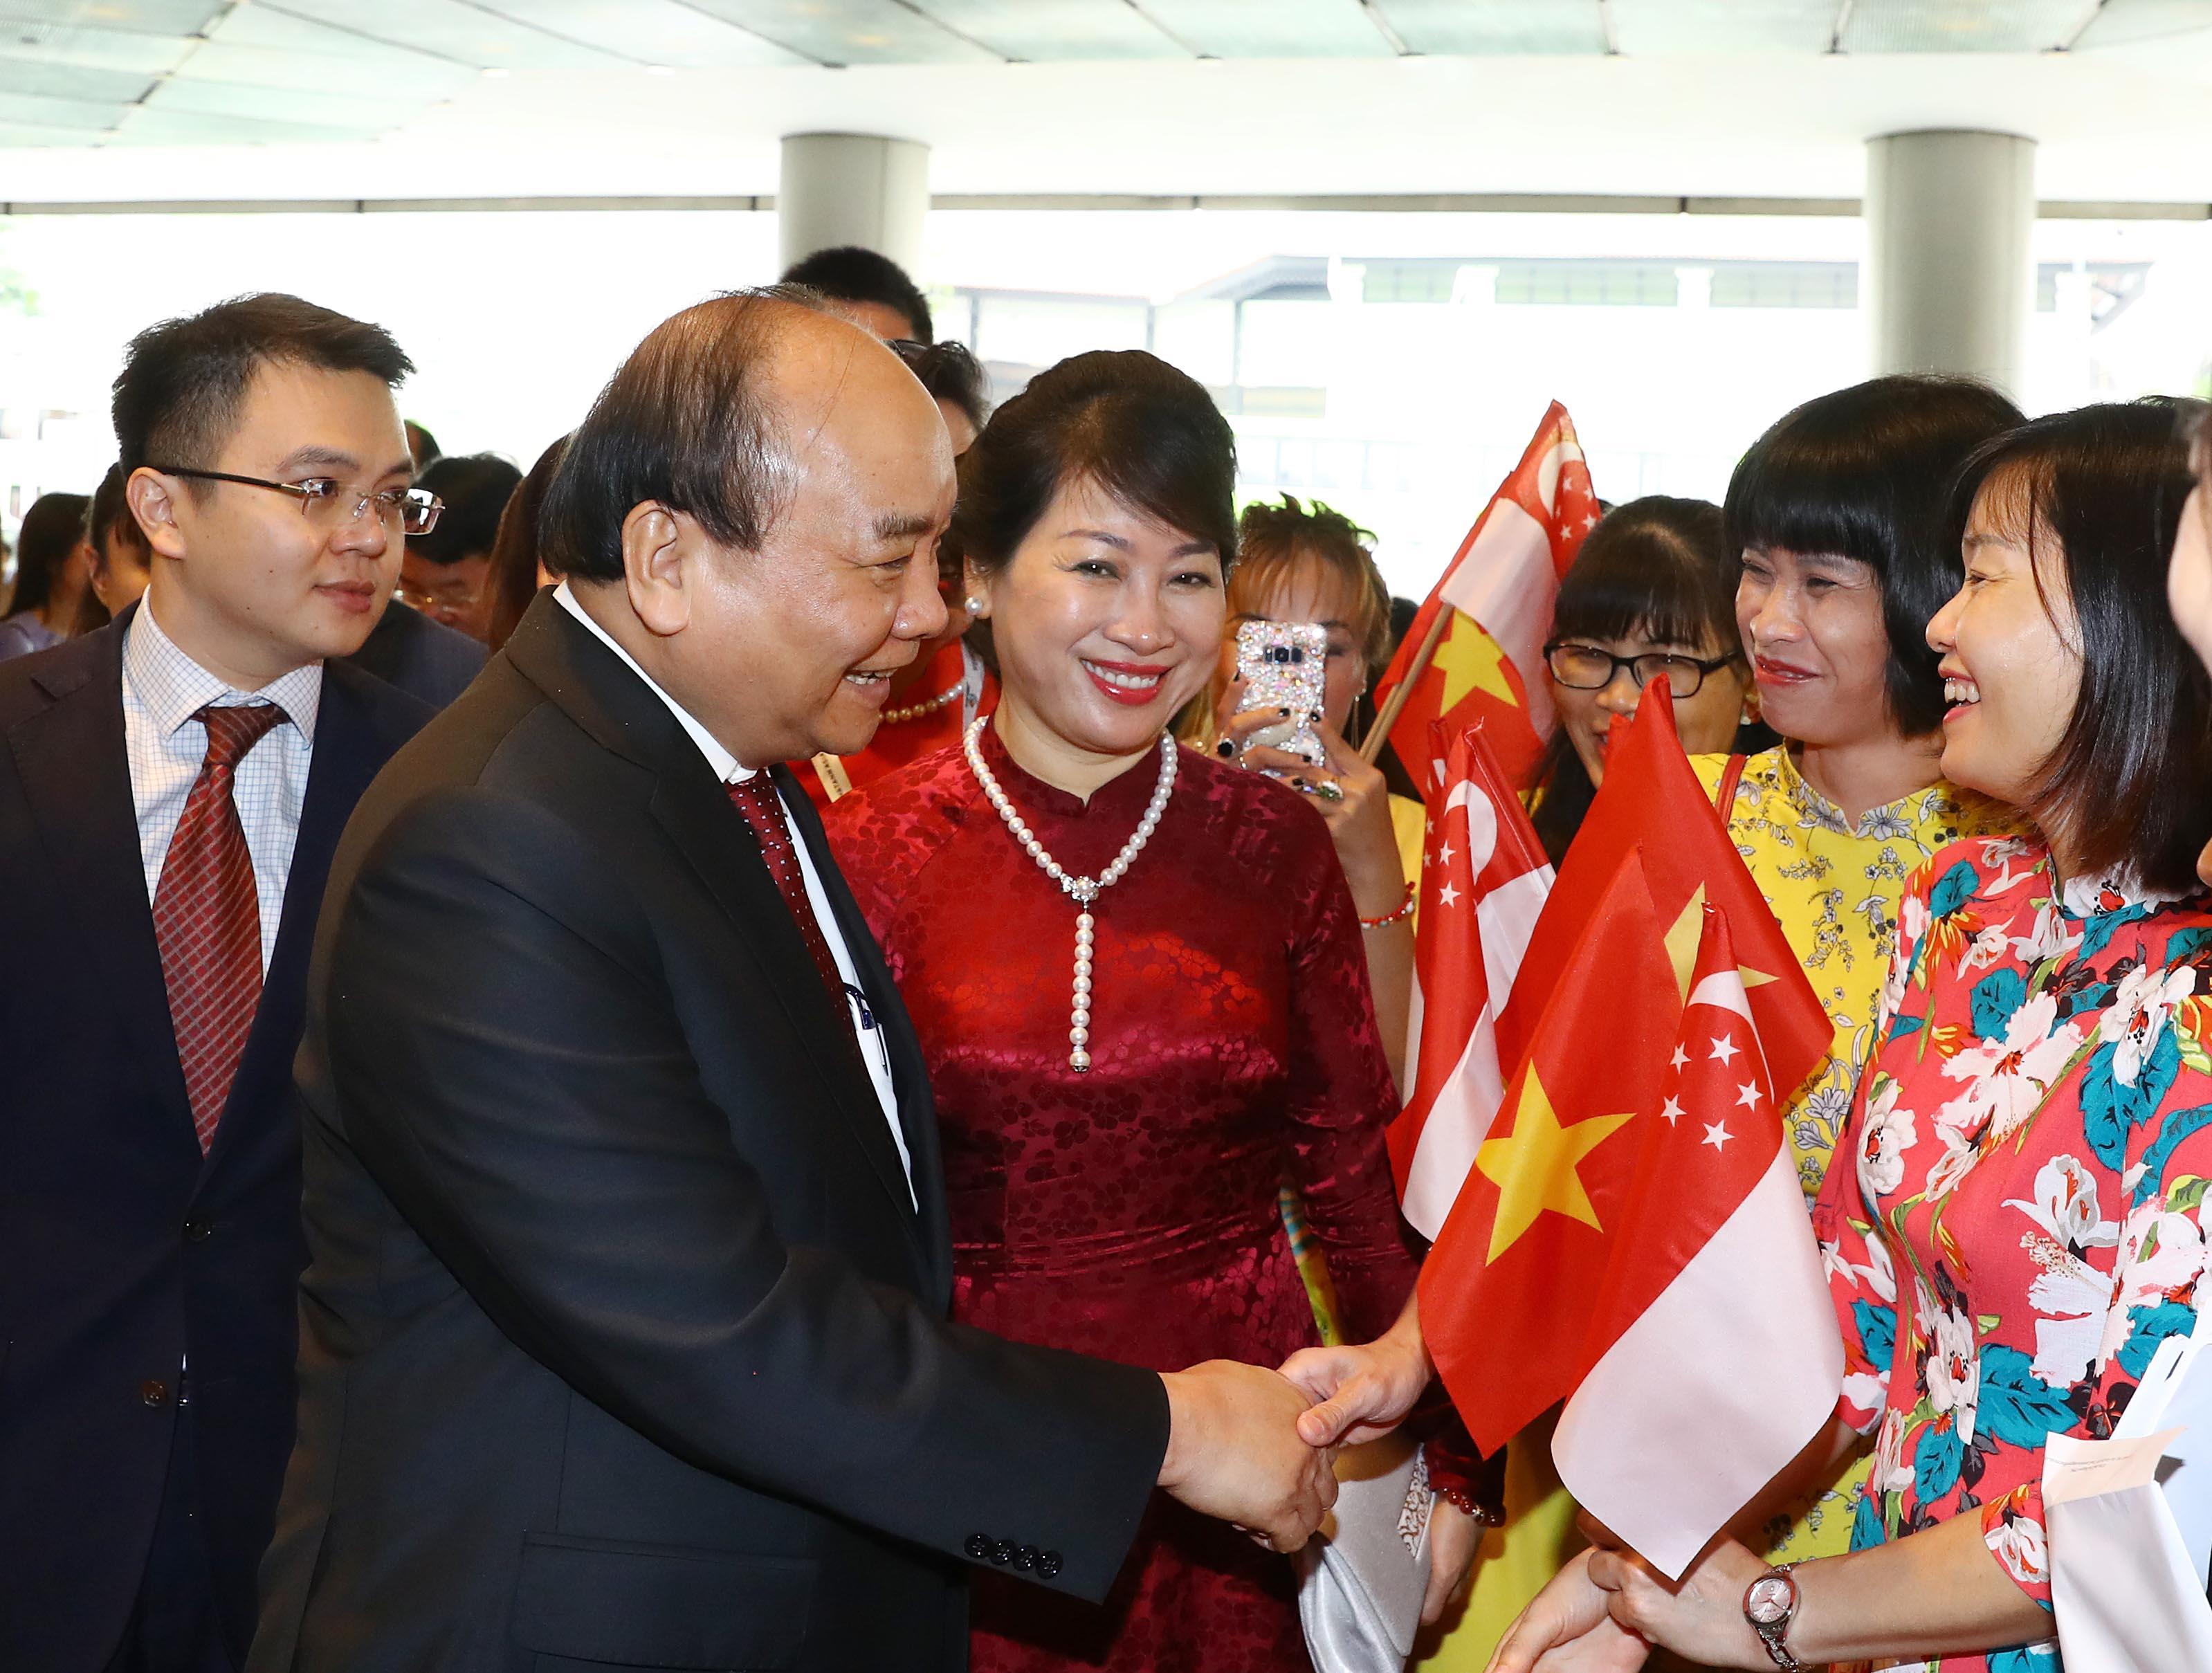 Thủ tướng Nguyễn Xuân Phúc bắt đầu tham dự Hội nghị cấp cao ASEAN lần thứ 33 và các hội nghị liên quan tại Singapore (Thời sự chiều 13/11/2018)